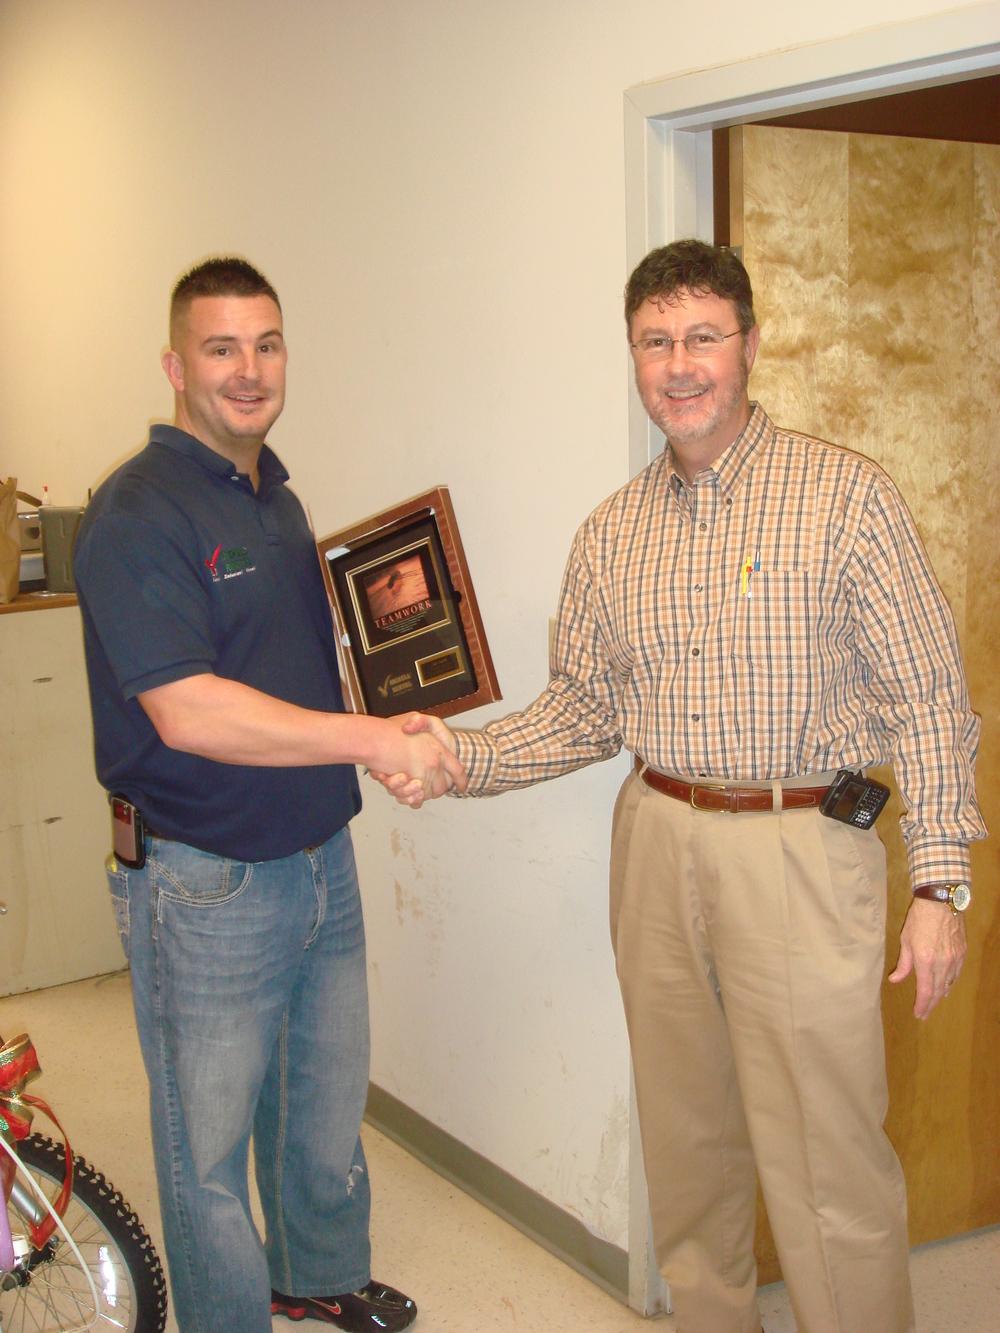 Jake - Service Award.JPG